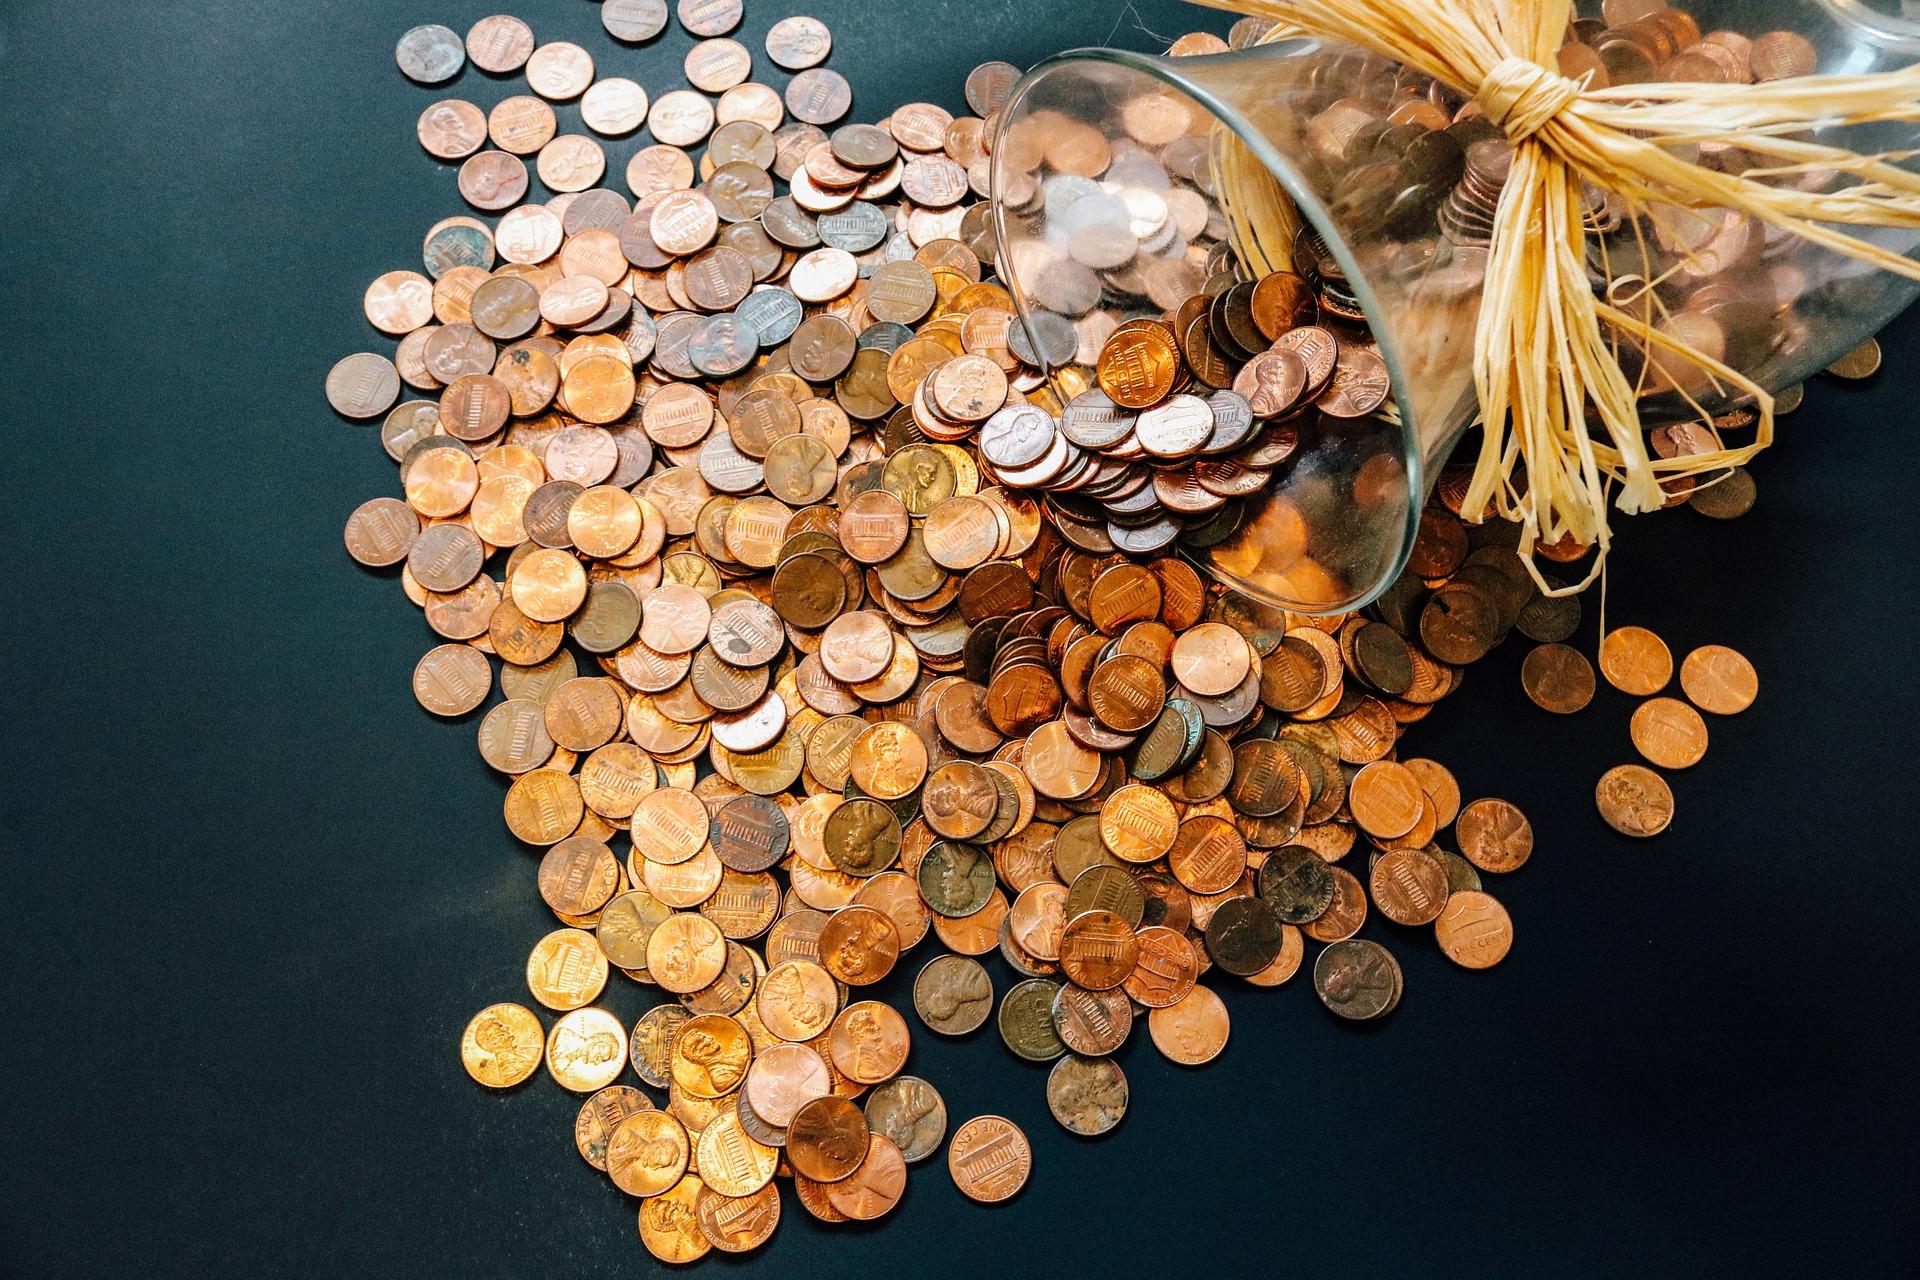 noodgeldmunten